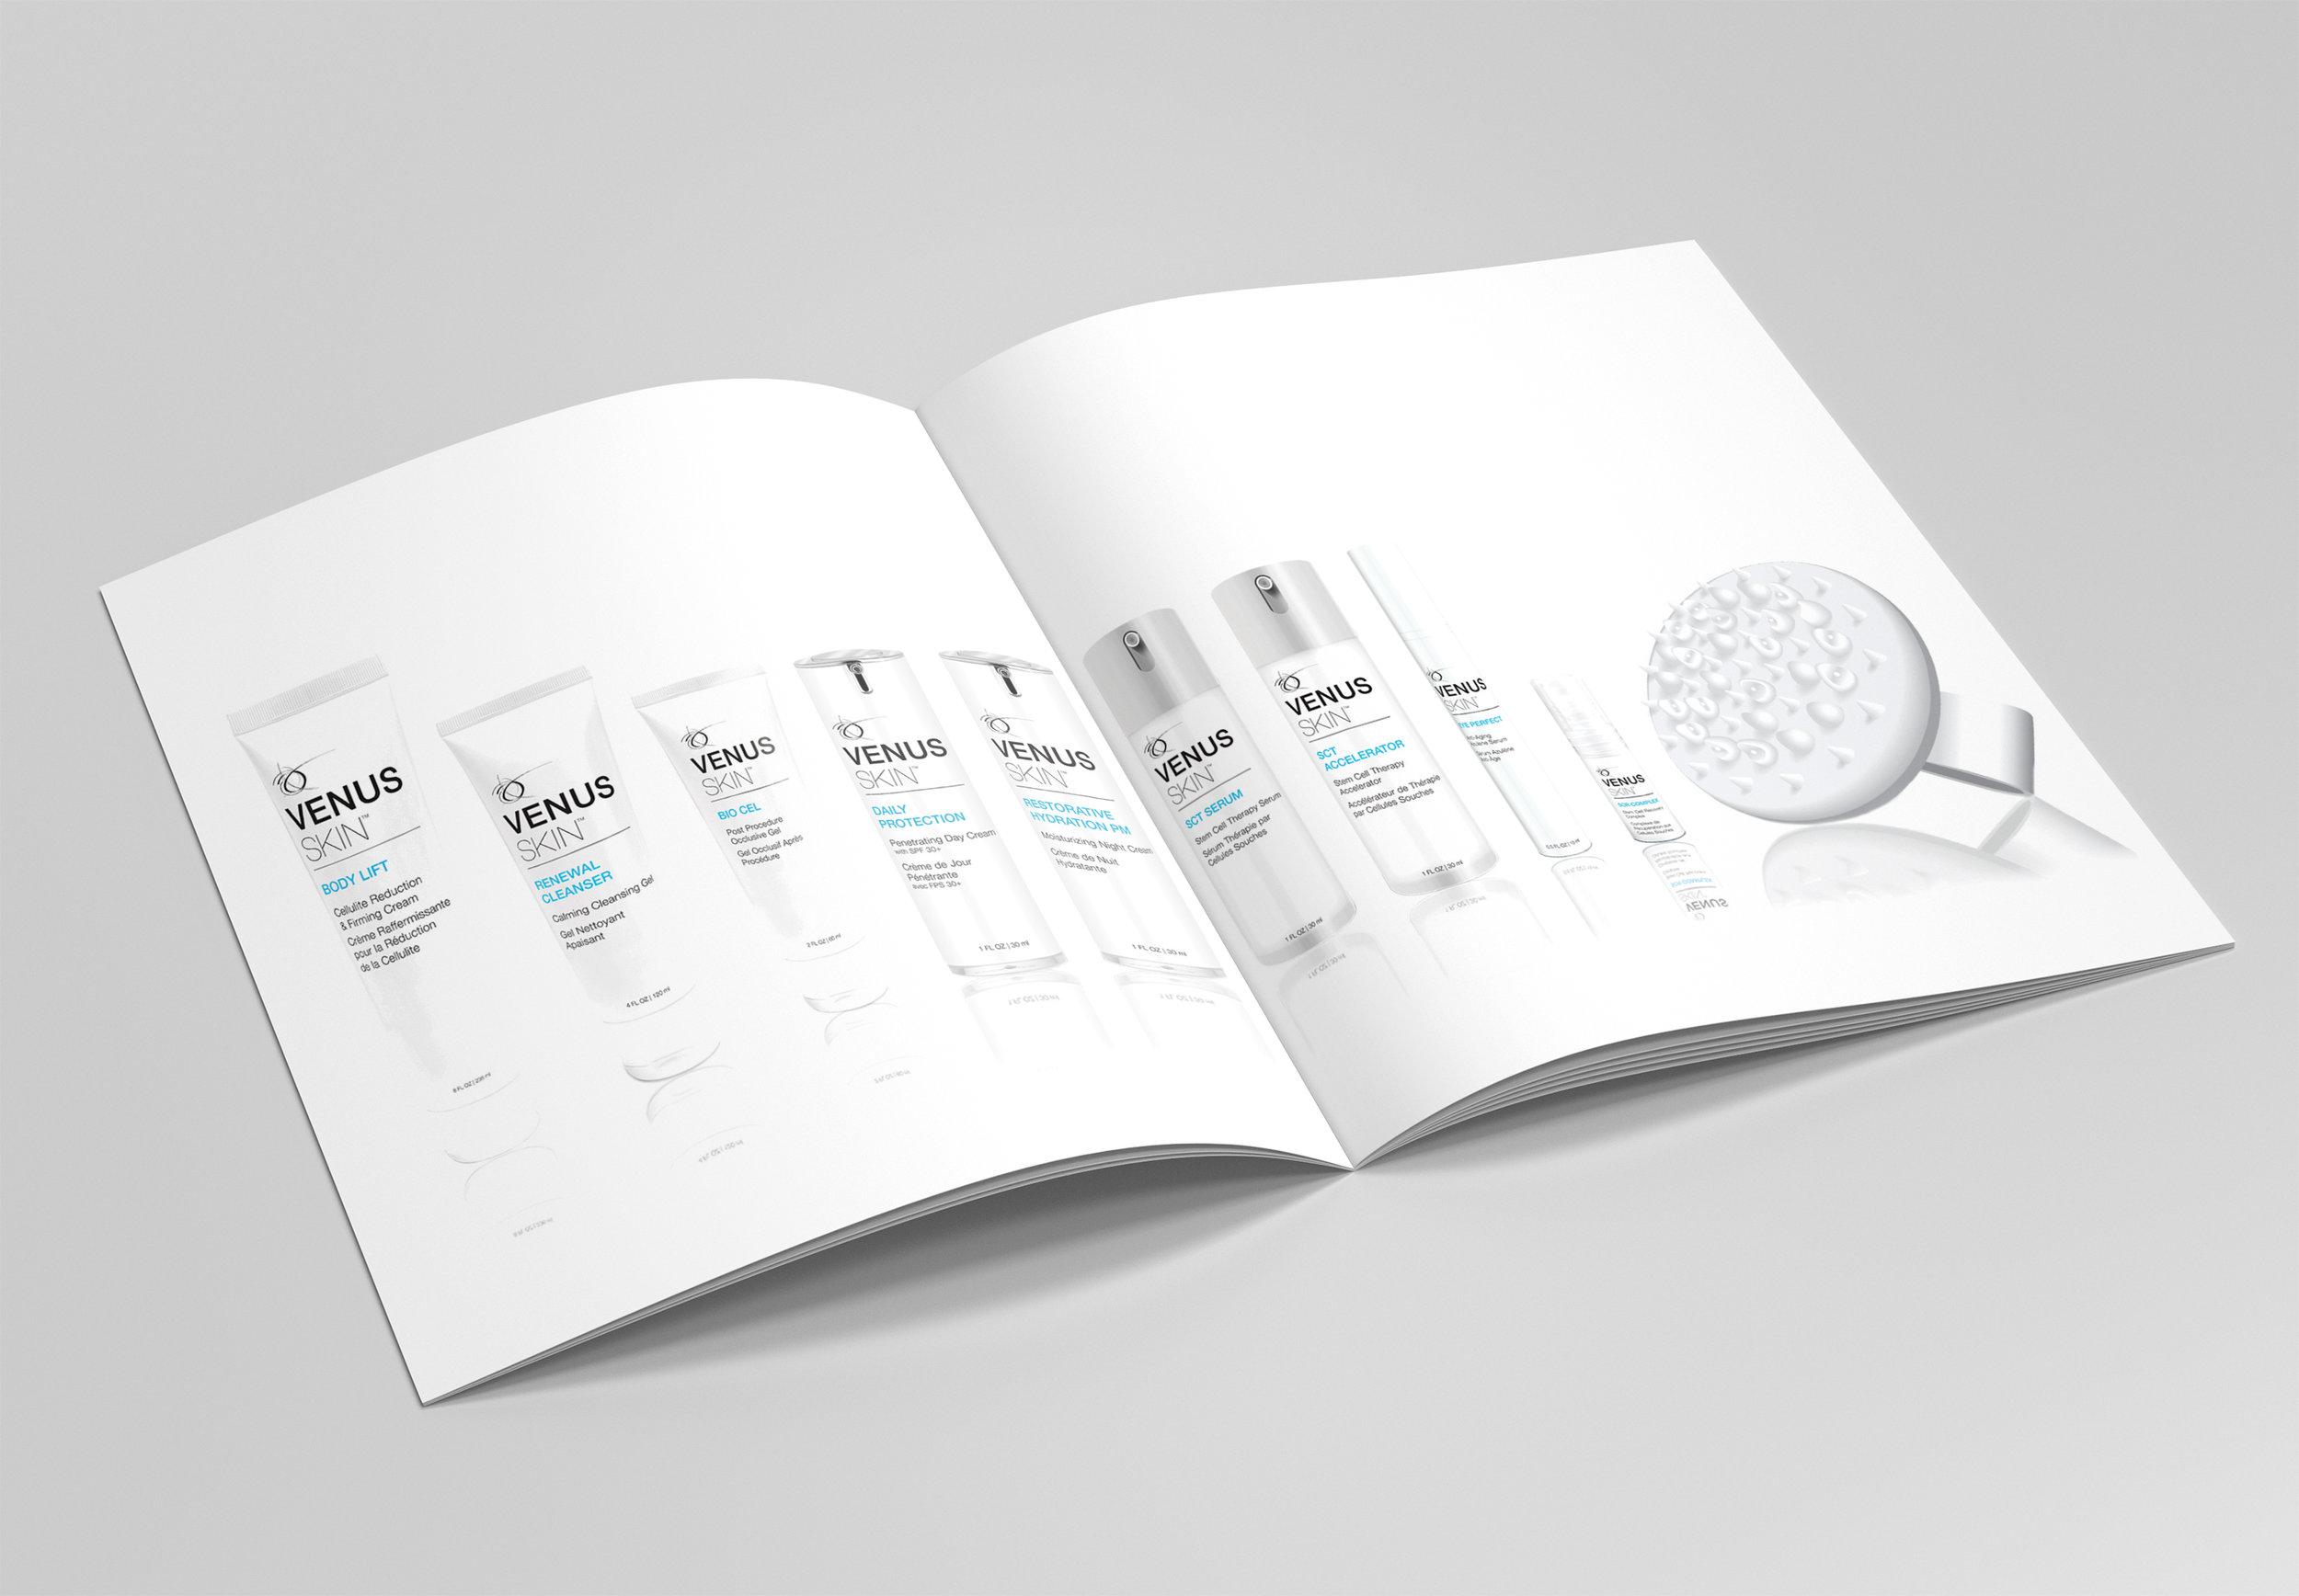 VenusSkin_ProductBrochure_Inside2.jpg